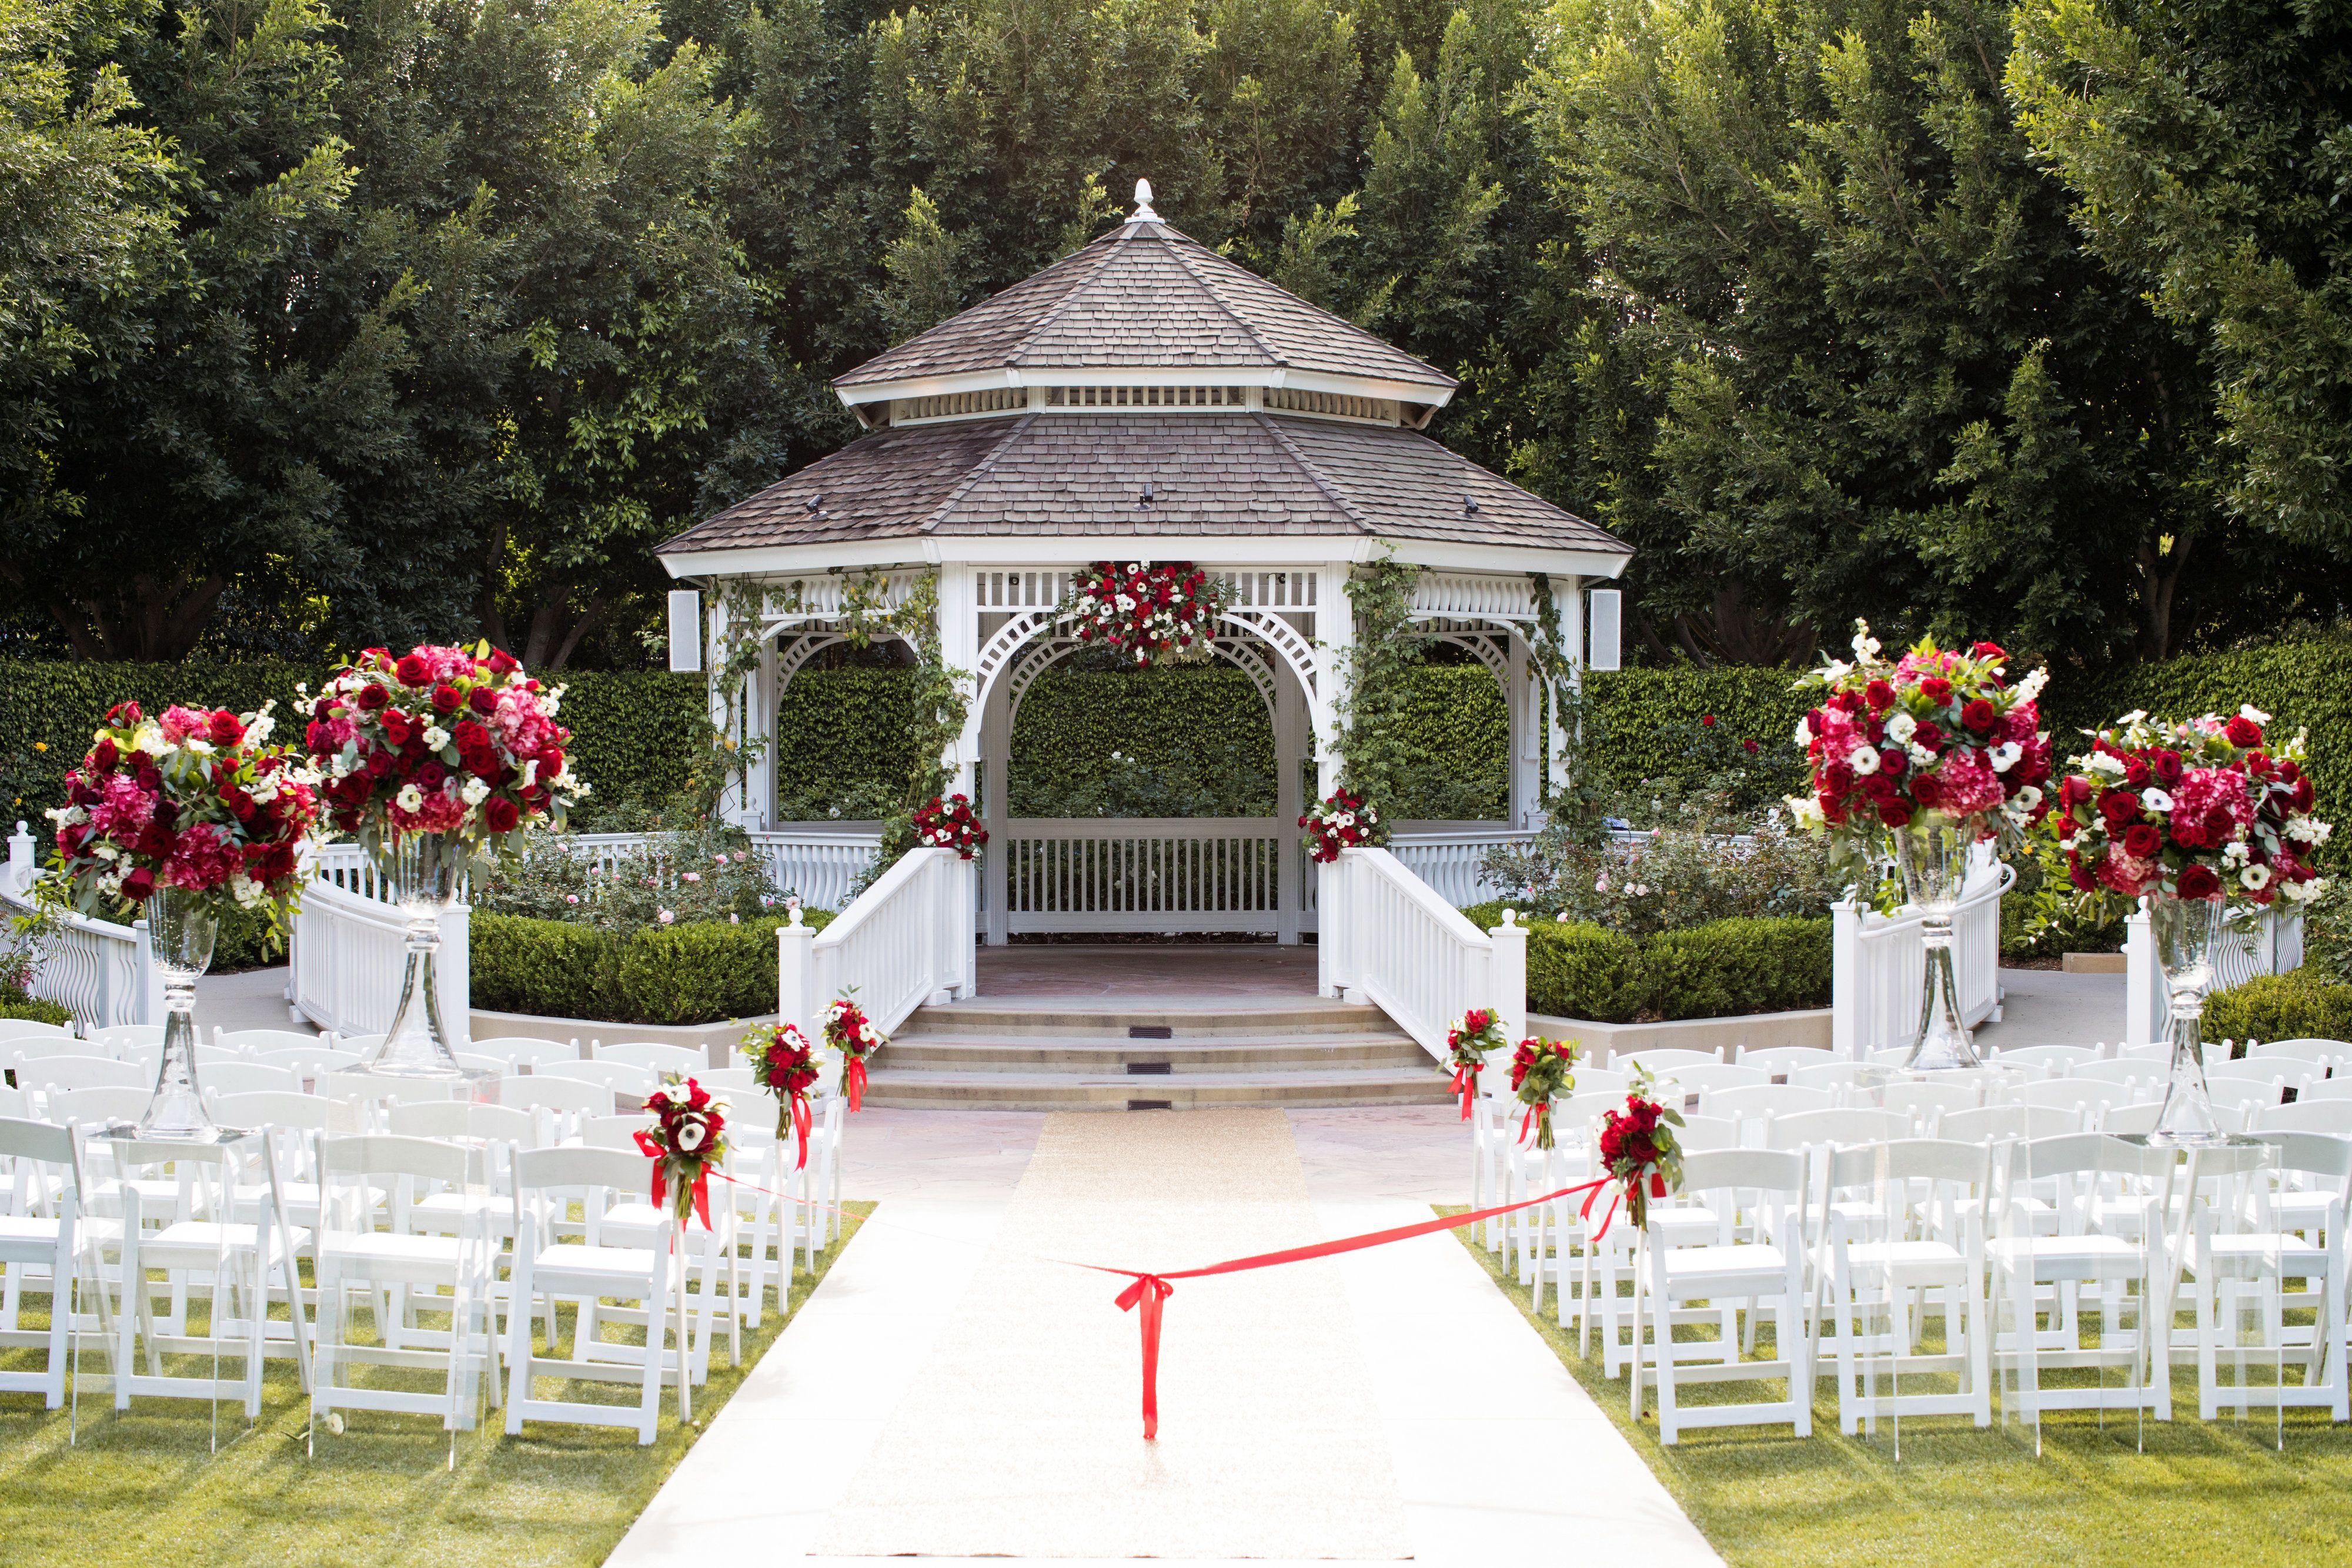 Rose Court Garden at Disneyland | Disney Wedding Venue ...